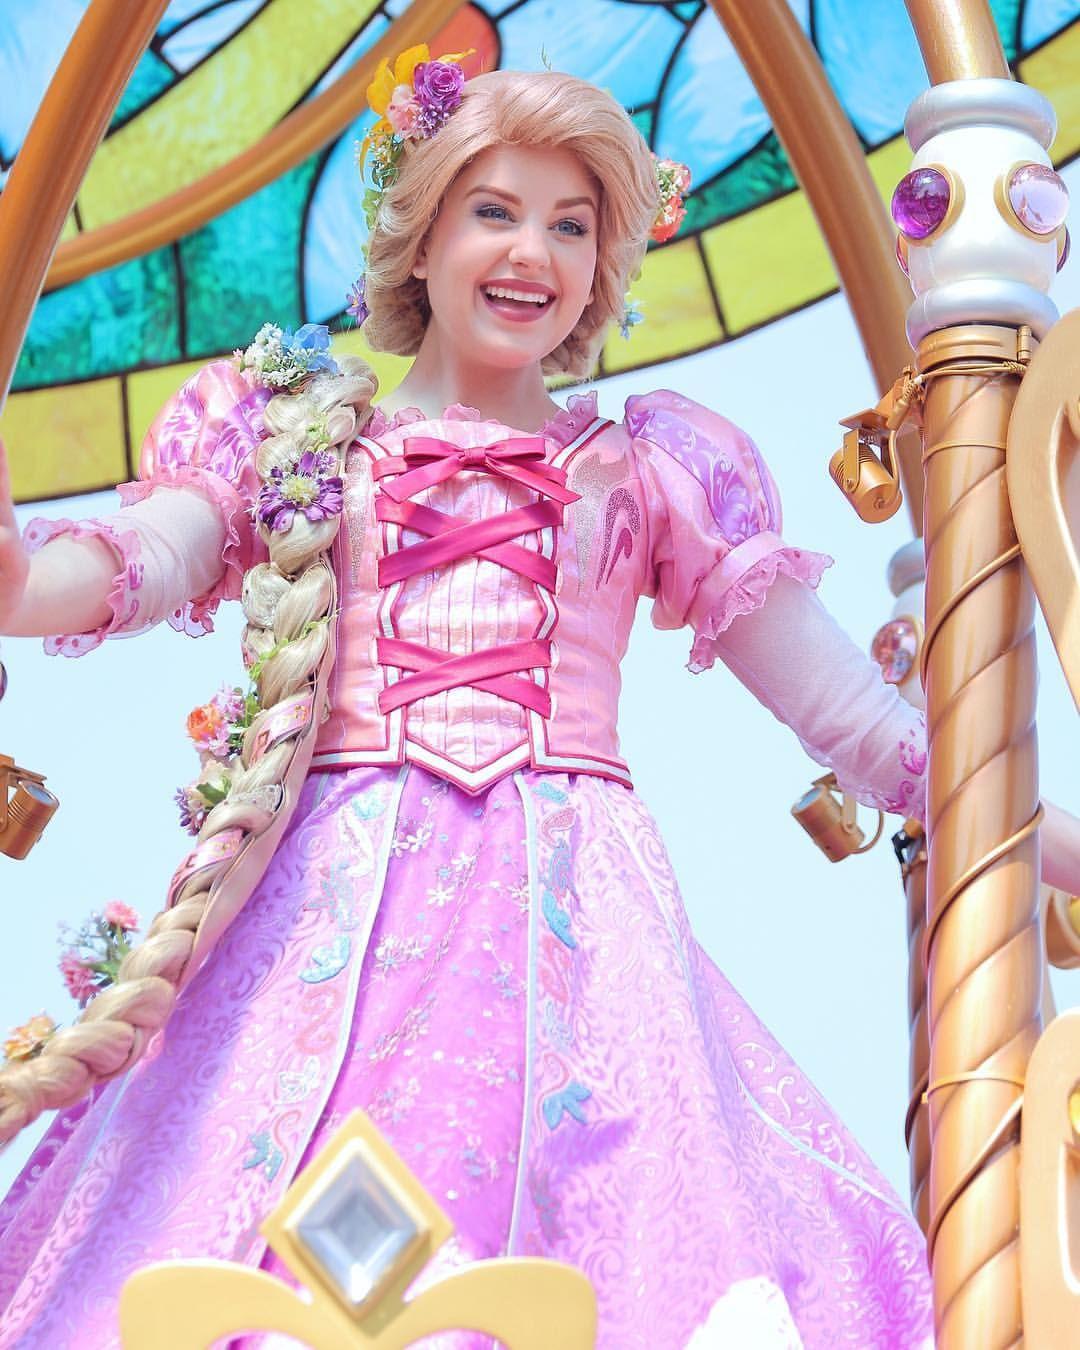 Dorable Vestido De Novia De Disney Rapunzel Colección de Imágenes ...